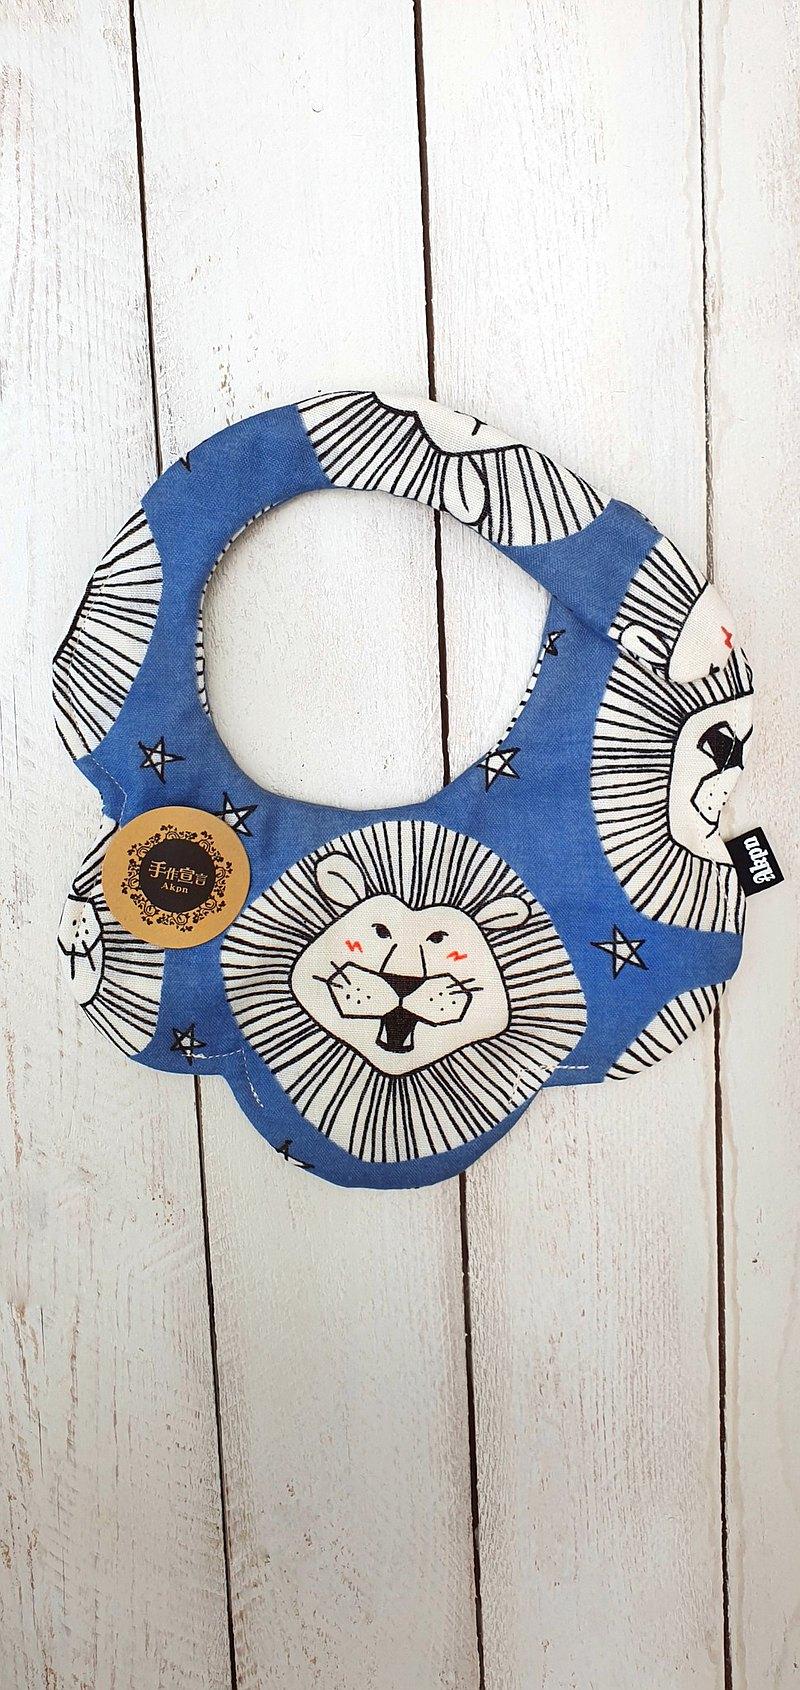 獅子王-藍-100%cotton八層紗雙面隨性圓弧圍兜口水巾